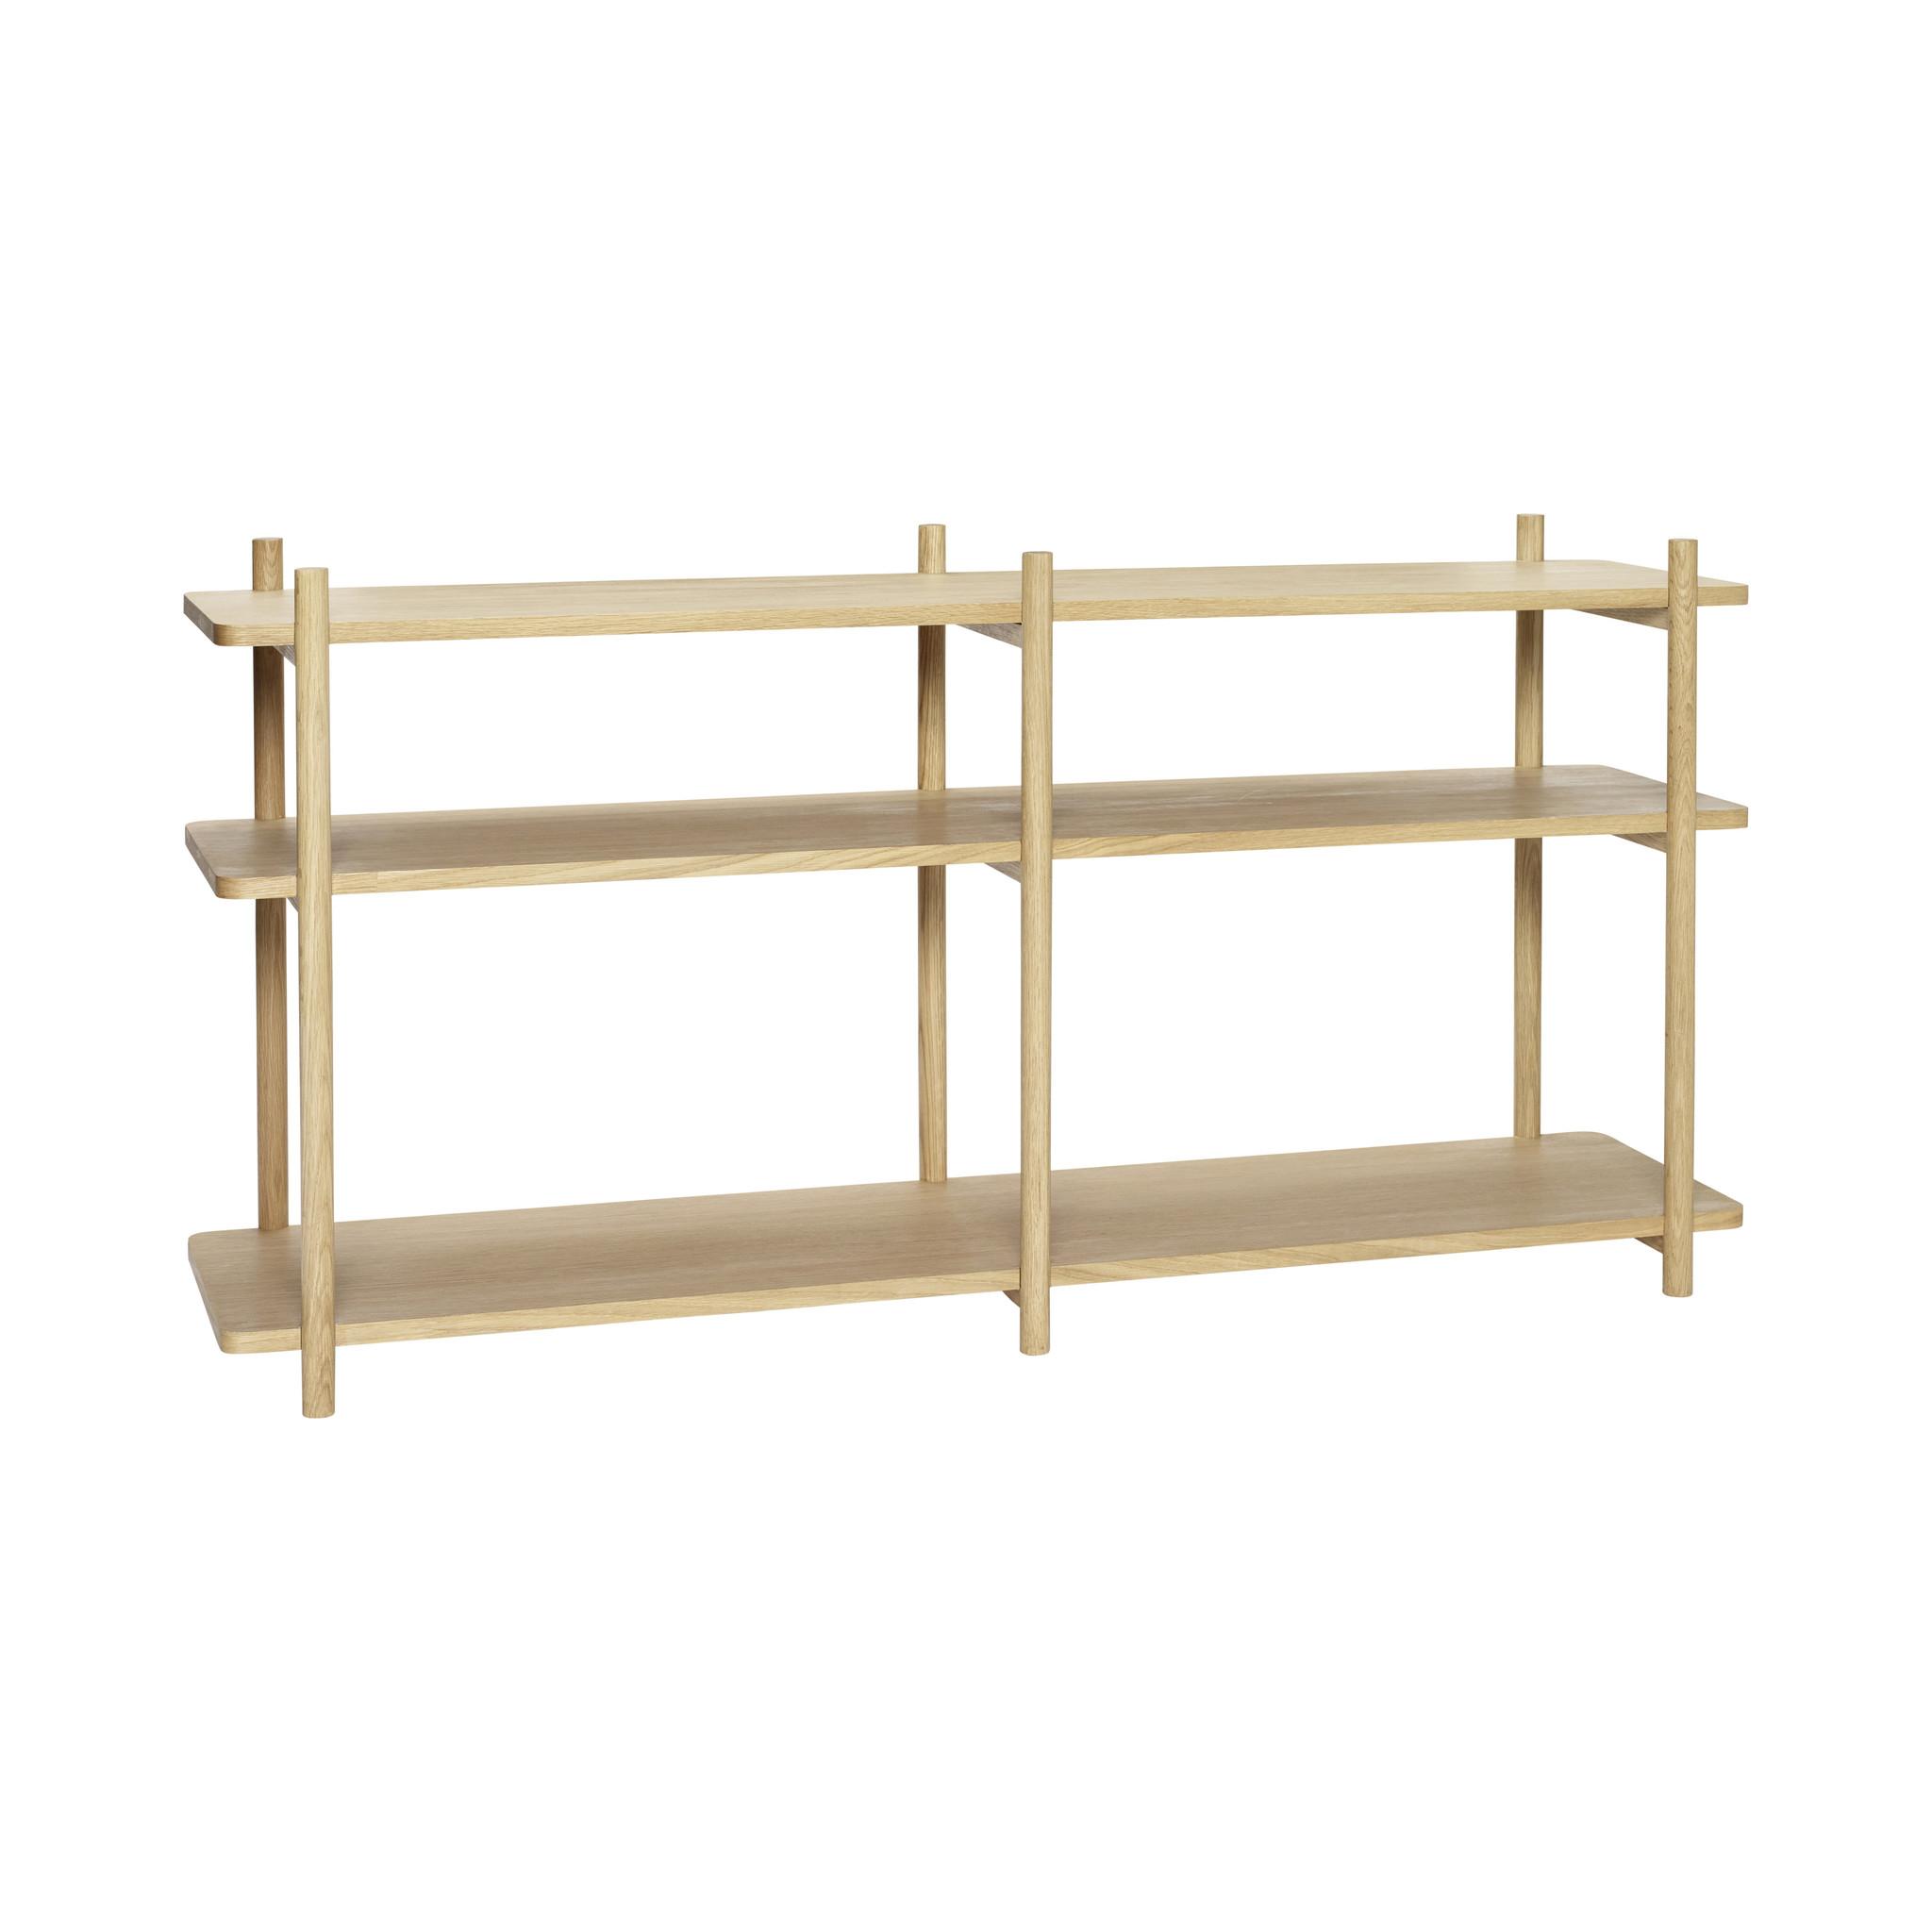 Hubsch Open kast met 3 planken, eiken, natuur-880810-5712772069387